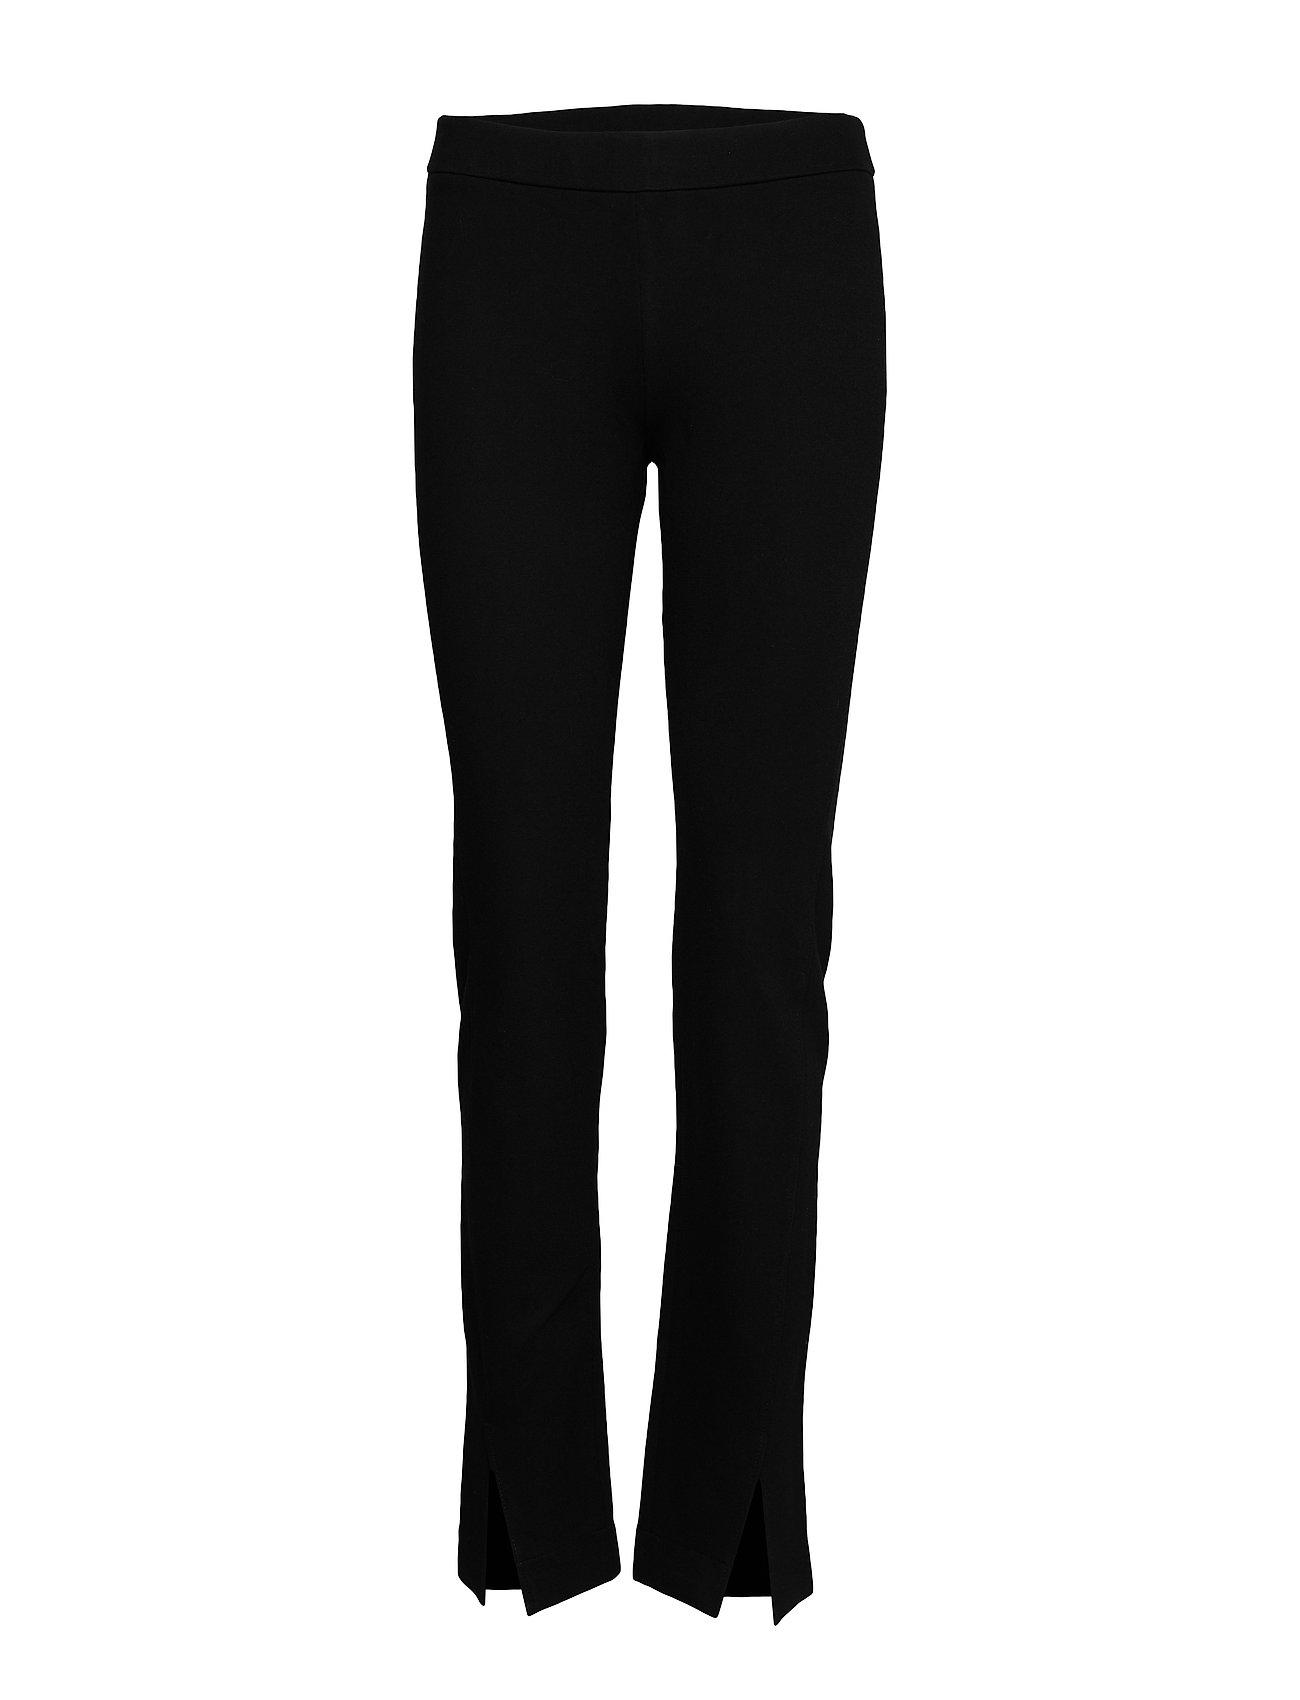 Image of Adrienne Trouser Bukser Med Lige Ben Sort Filippa K (3305996623)